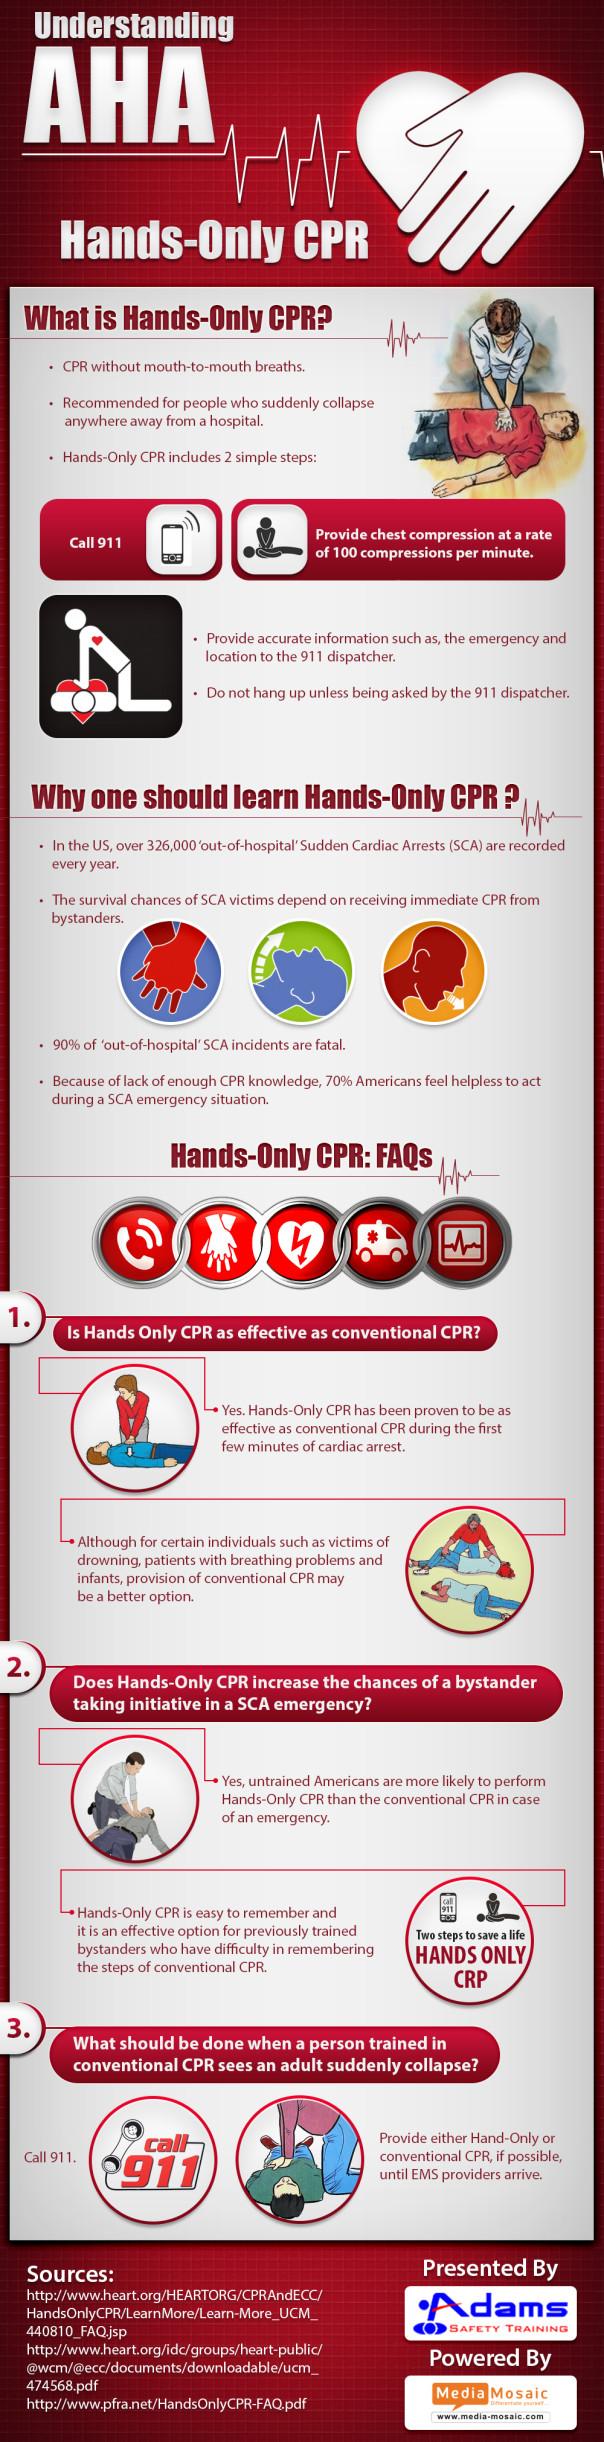 Understanding AHA Hands-Only CPR